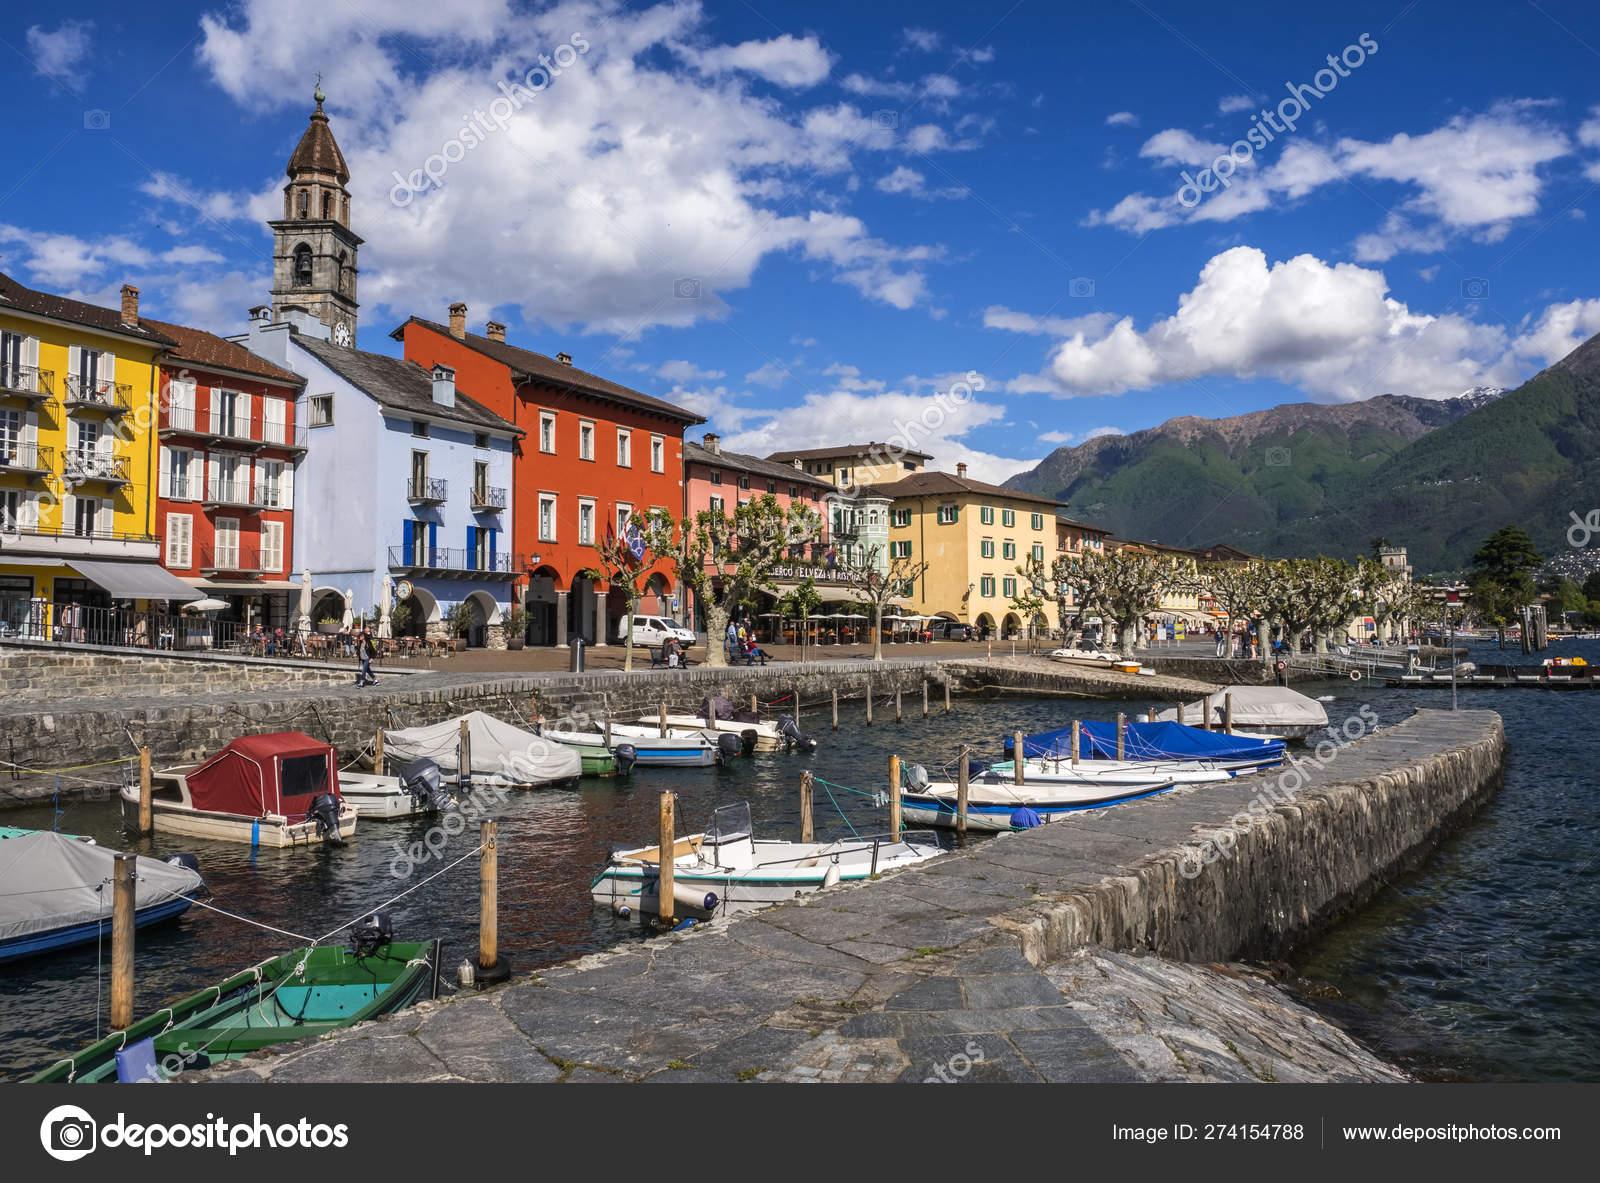 Обои Пейзаж, причалы, лодки, ticino, швейцария, дома, ascona, набережная. Города foto 13